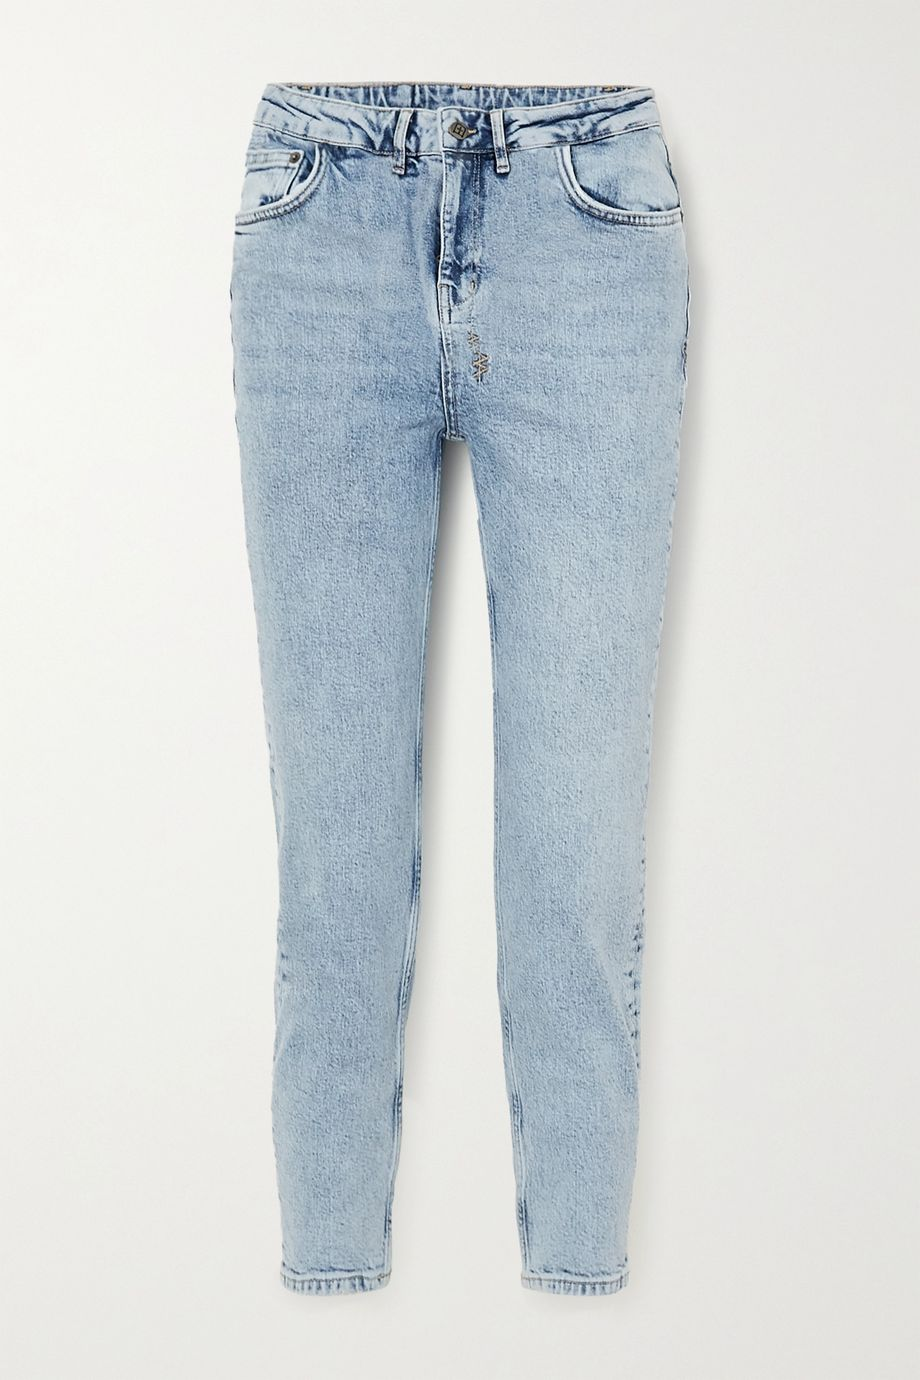 Ksubi Pointer Jeans mit schmalem Bein